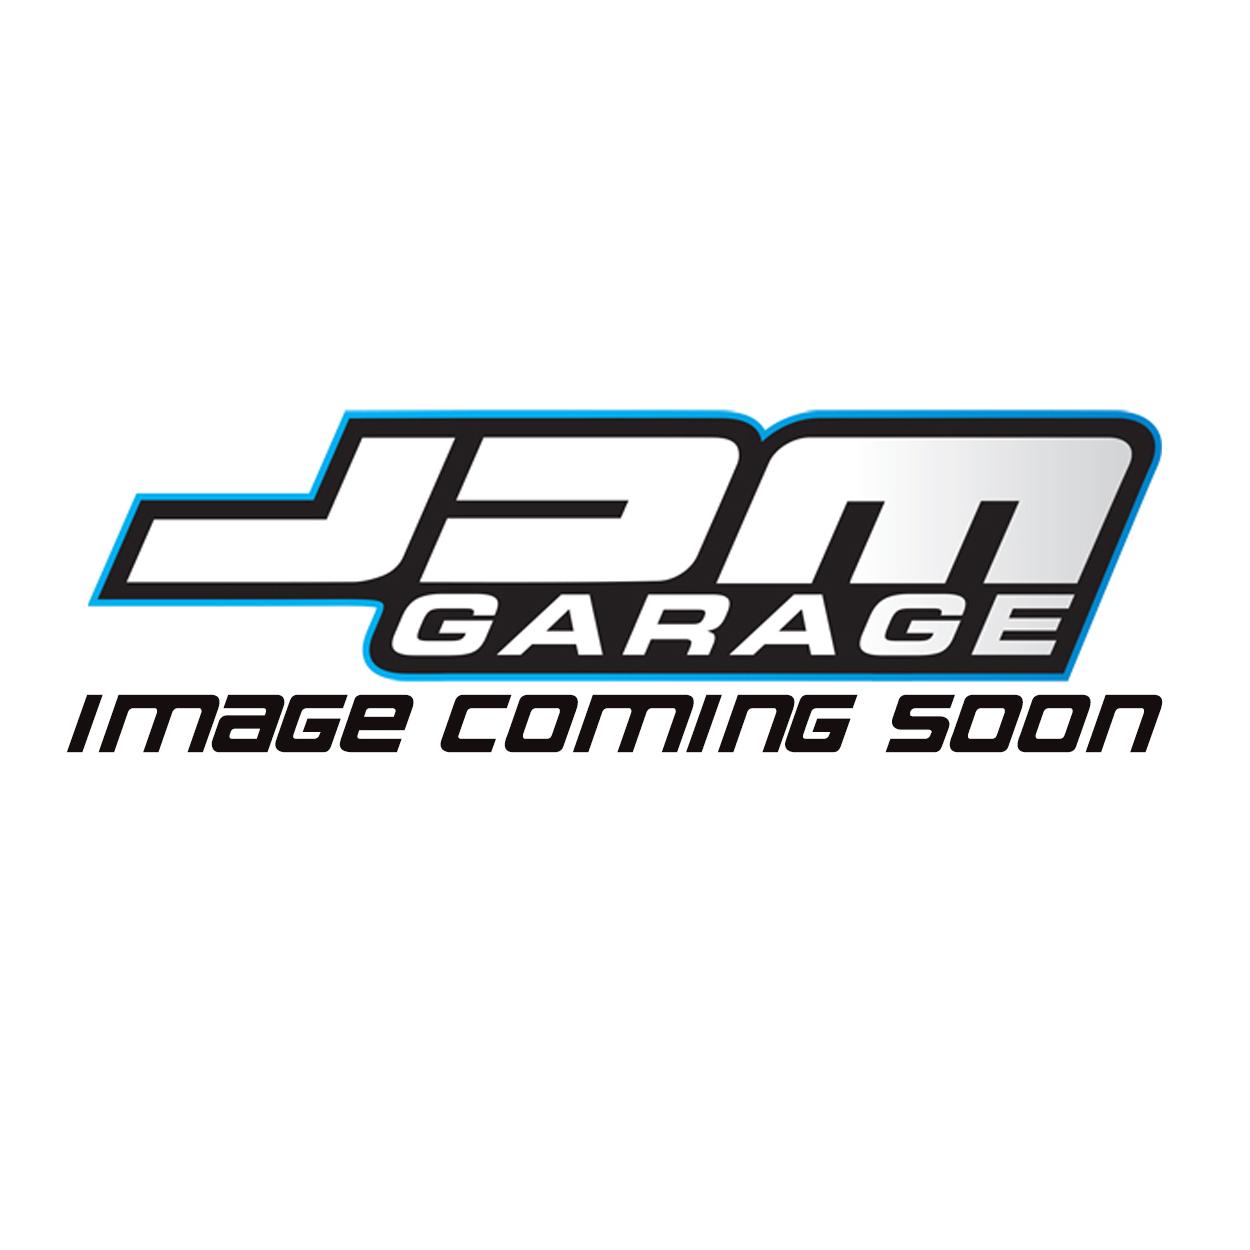 Nissan Skyline Spec 1 RB25DET Rebuilt Engine Package